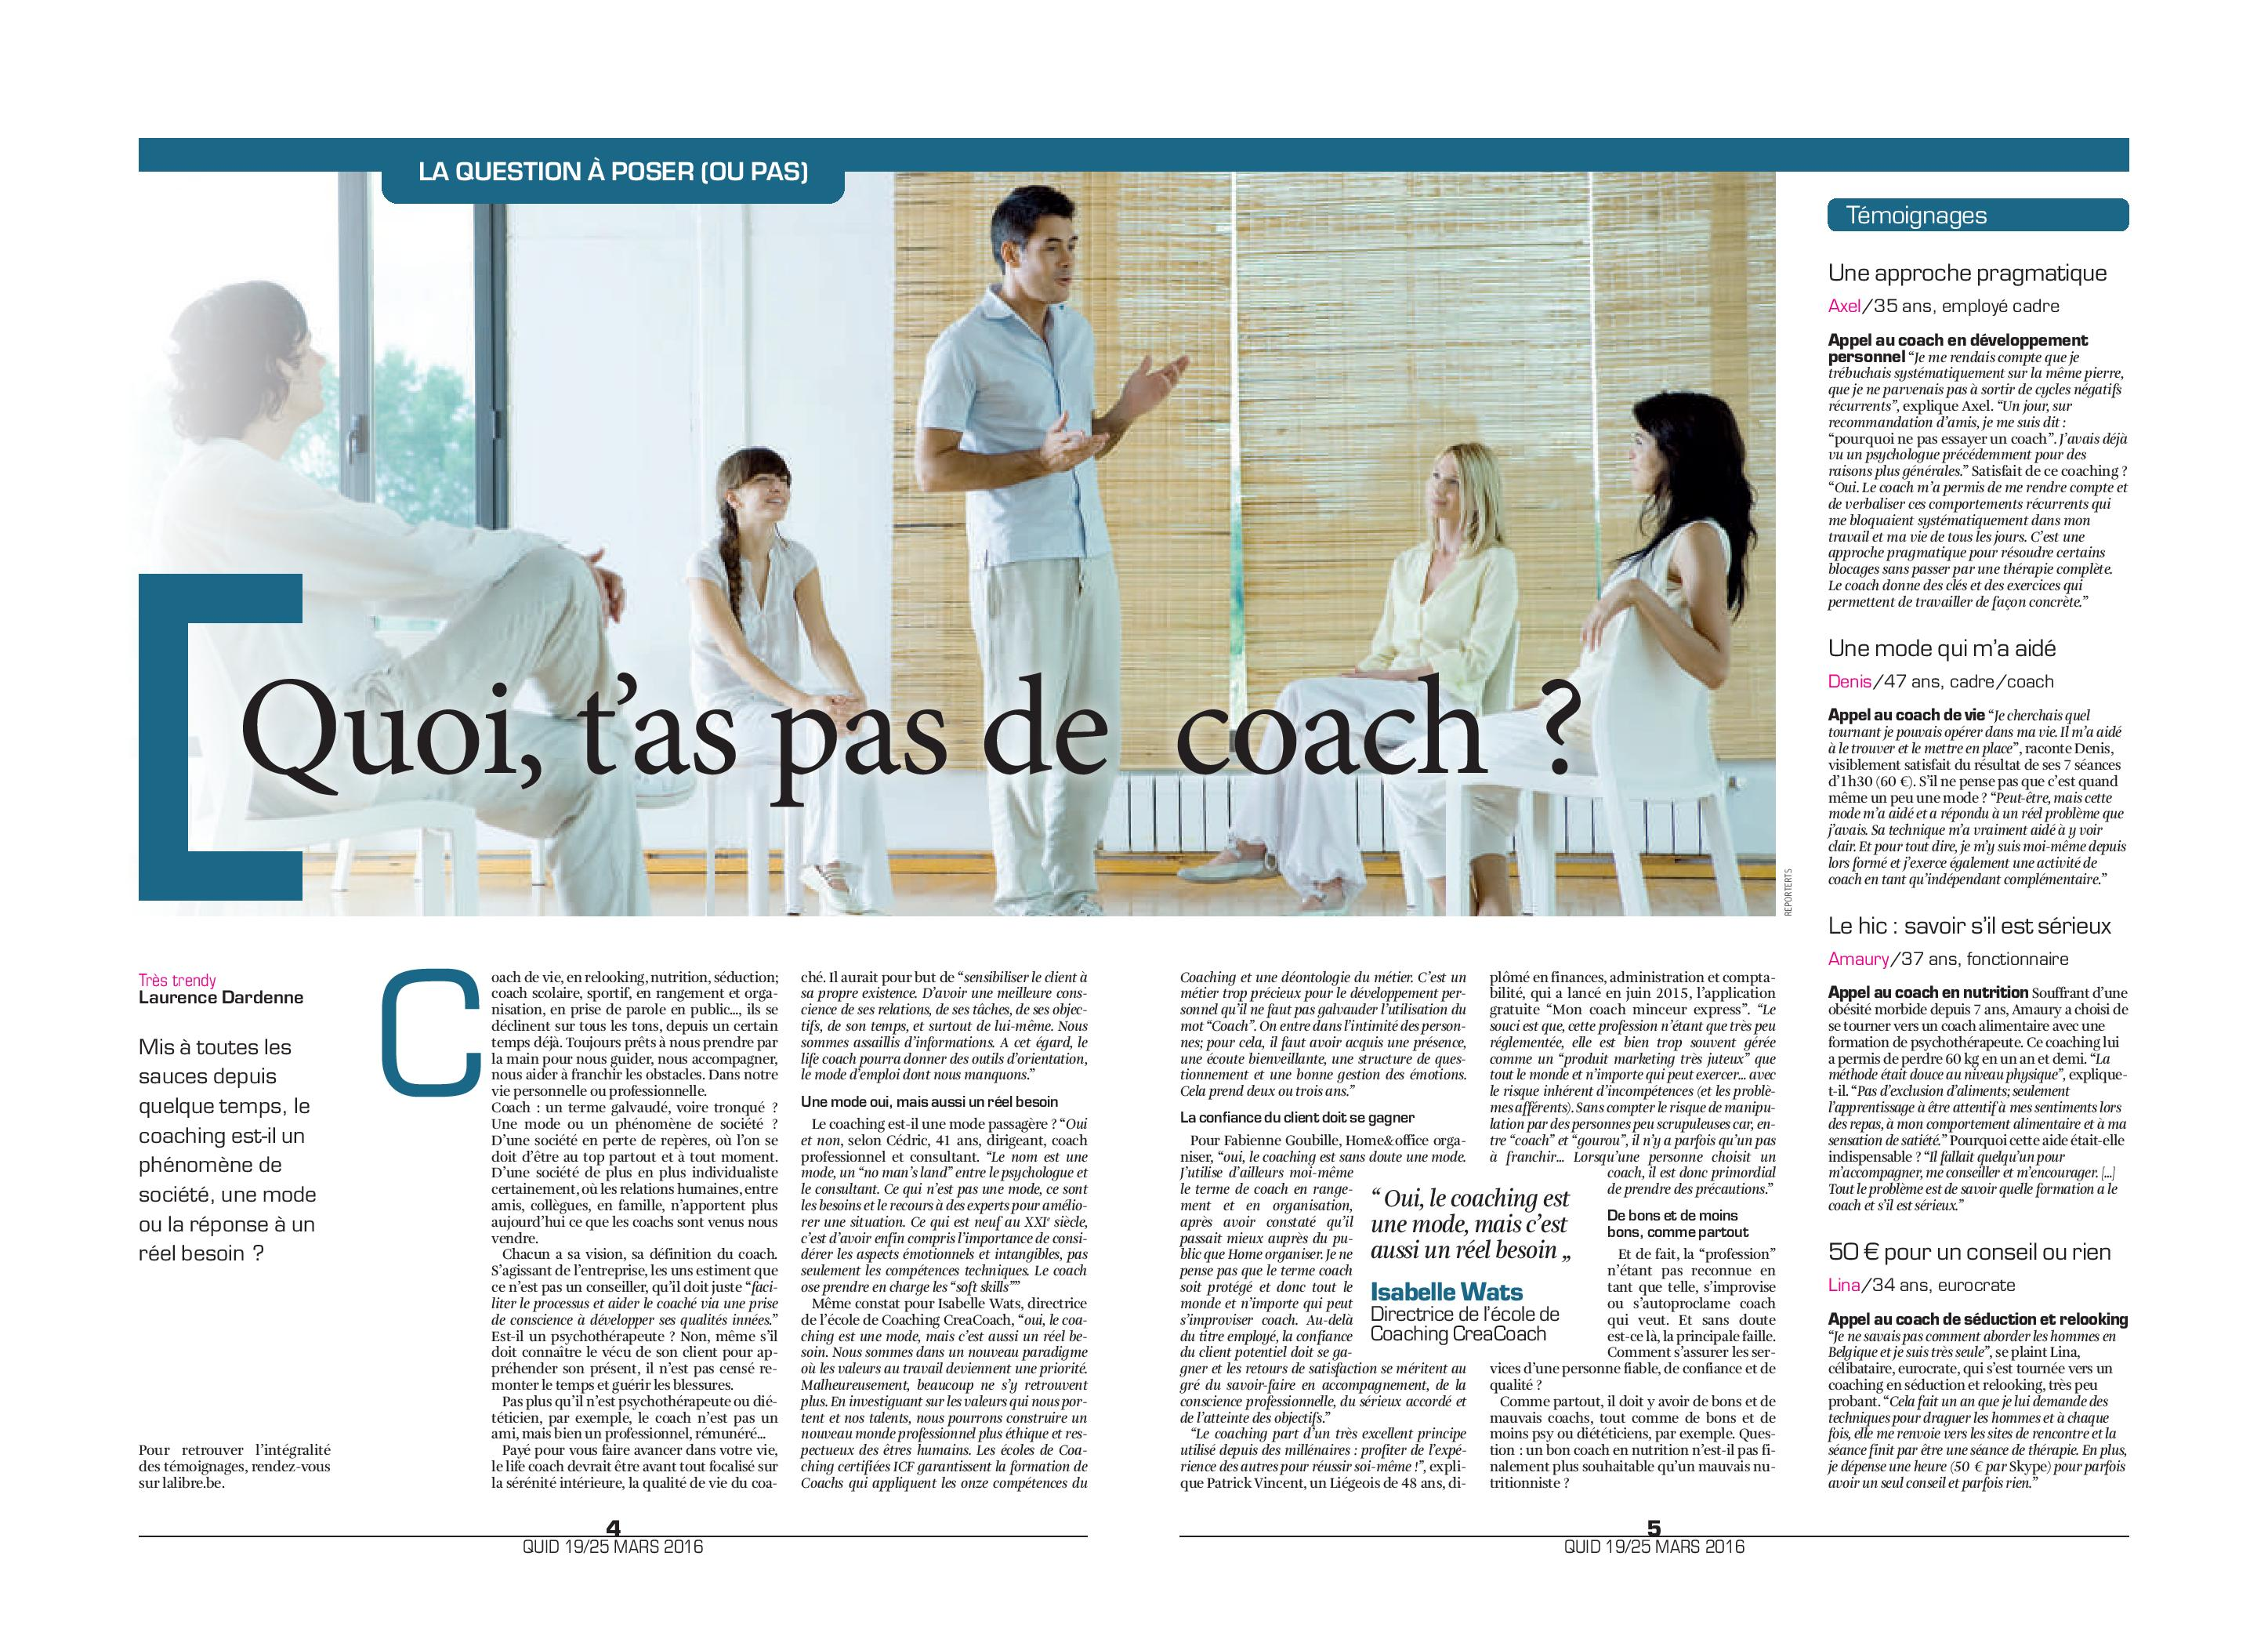 La Libre Belgique - Coaching - 2016 03 19 - Alors on range - page 1 de 2